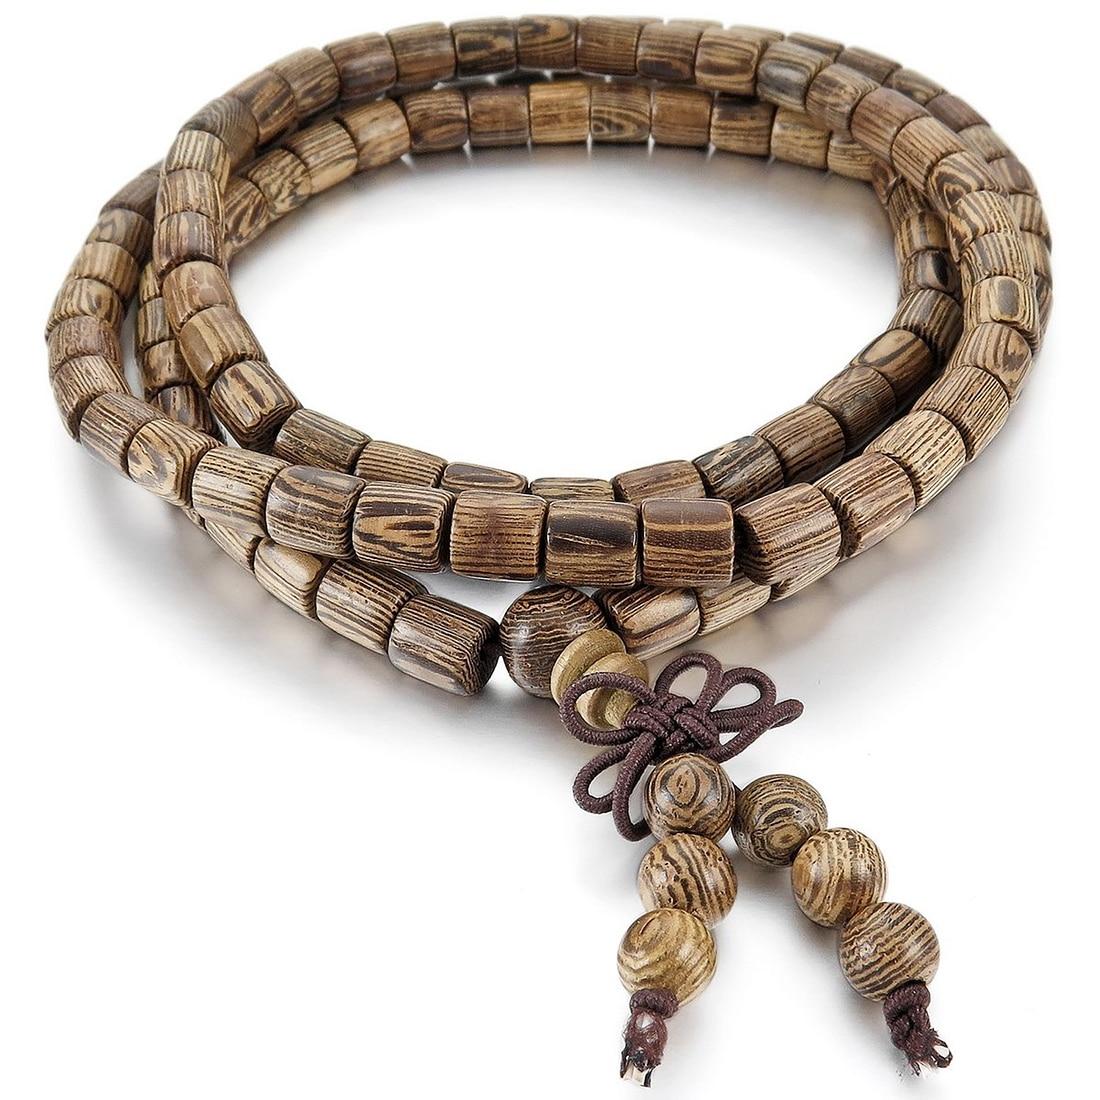 Popular Meditation Tools: A Meditation Necklace